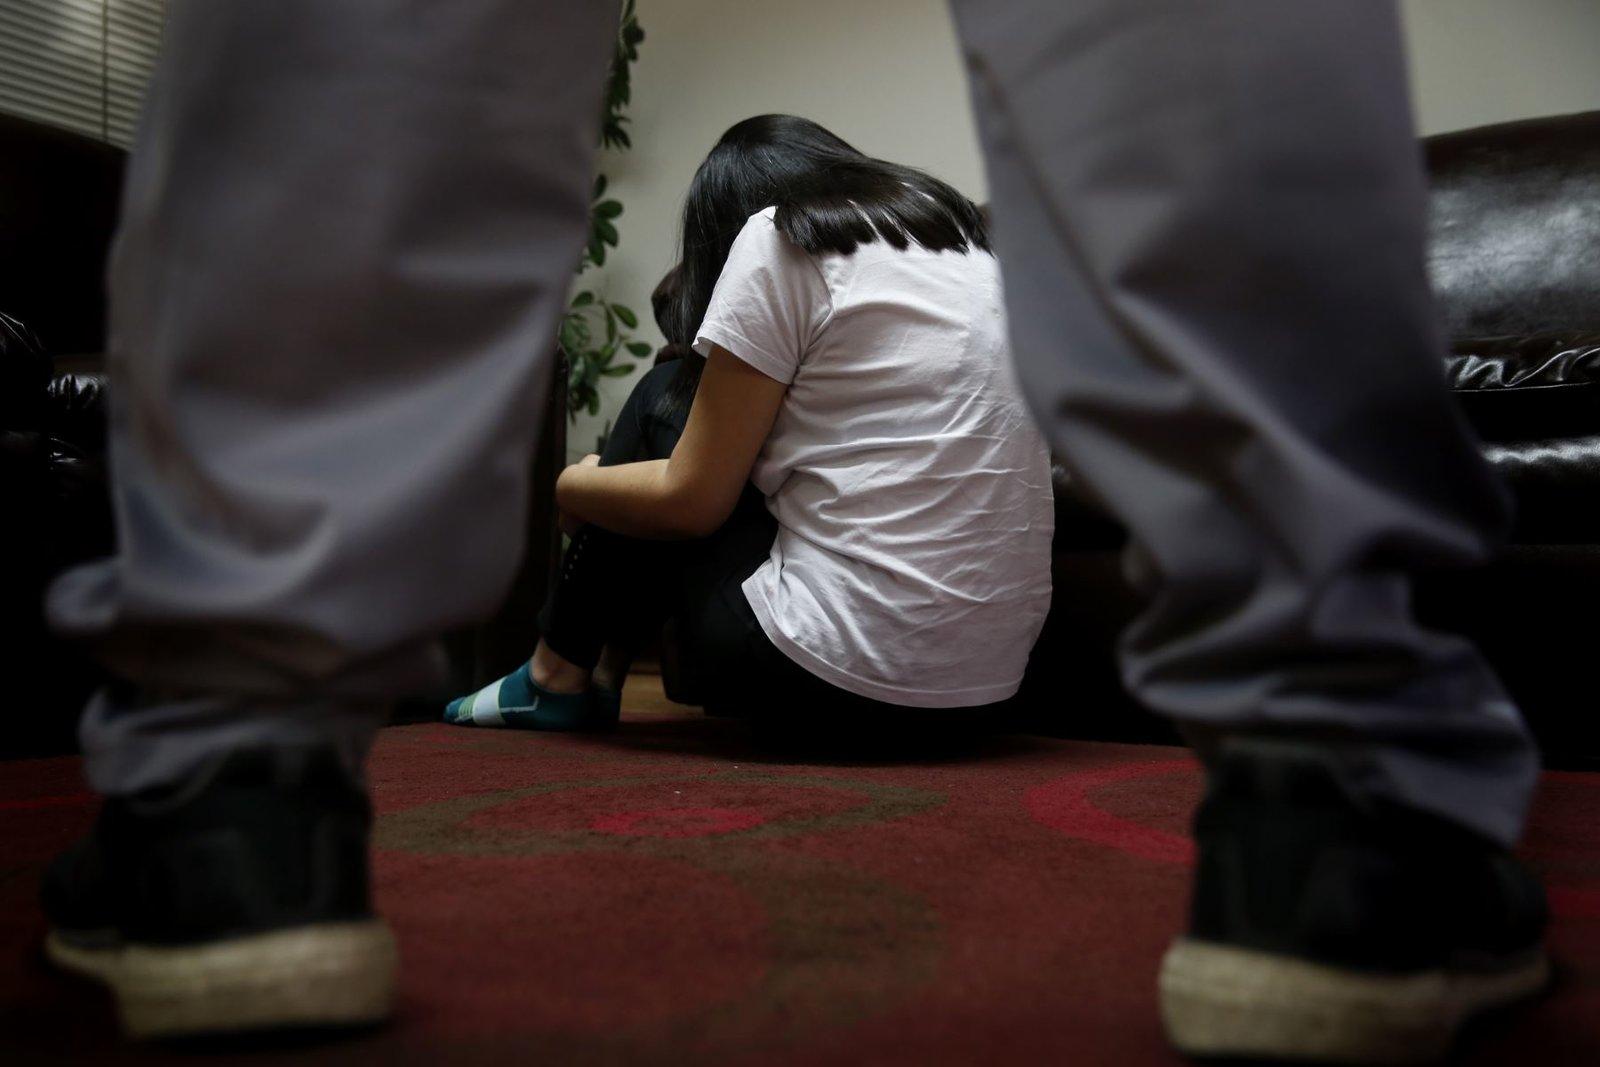 Diputados piden a Fiscalía resolver investigación sobre abuso infantil en Coahuila